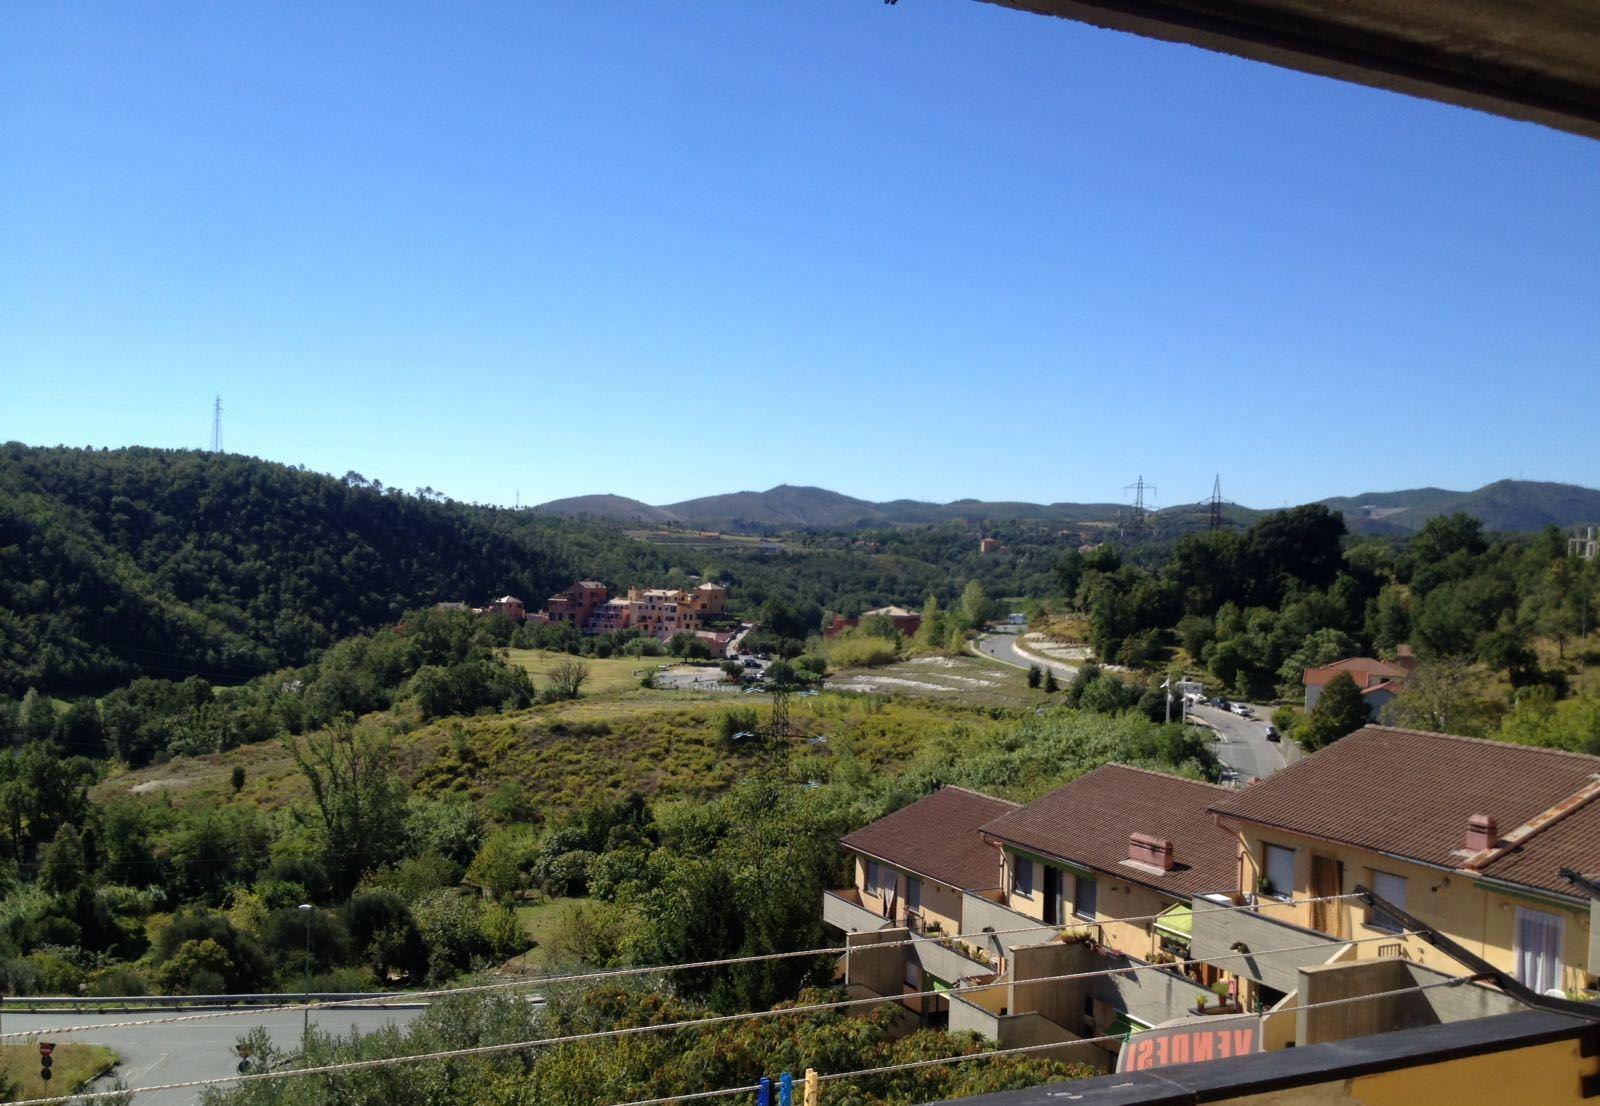 Appartamento in vendita a Cogoleto, 2 locali, zona Località: Lerca, prezzo € 110.000 | CambioCasa.it